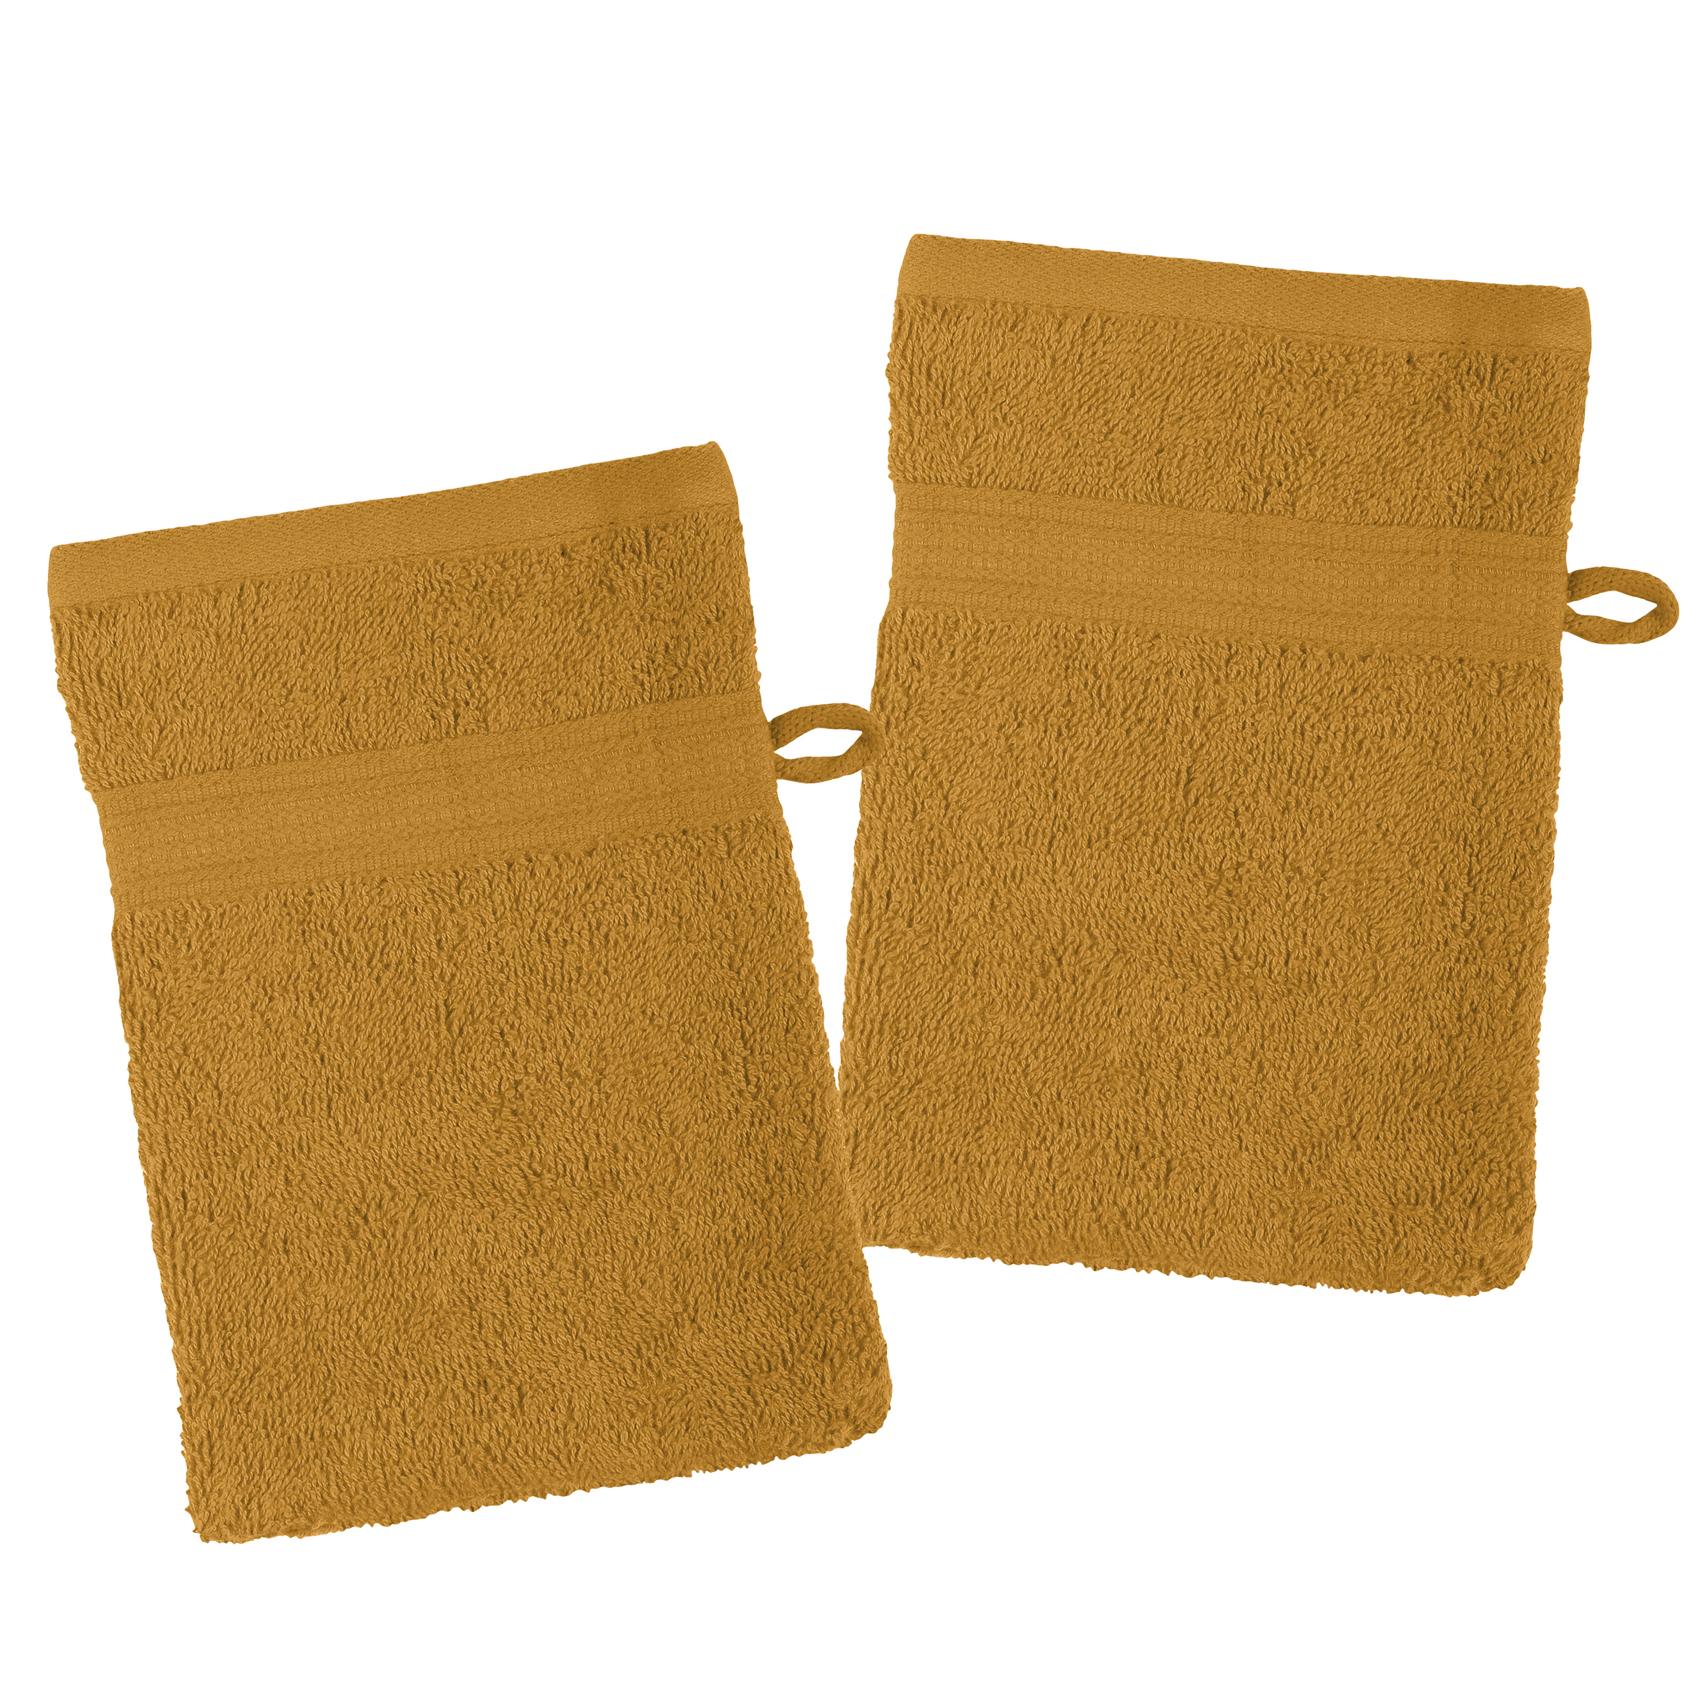 Lot de 2 gants de toilette en coton bio coton curry 21x15